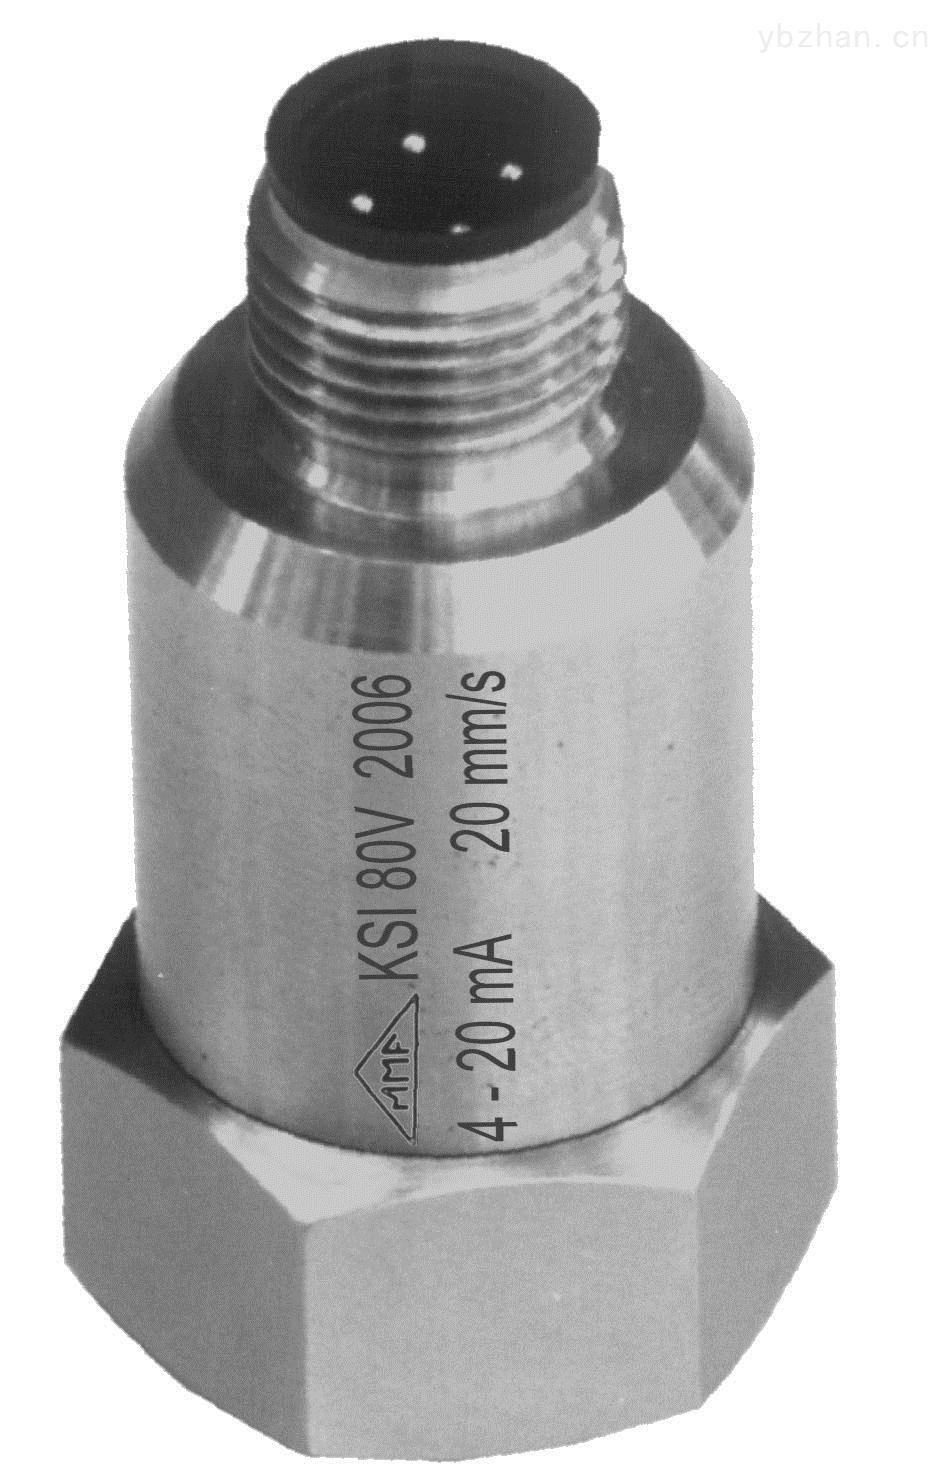 KSI 80VC/KSI 82VB-MMF加速度计